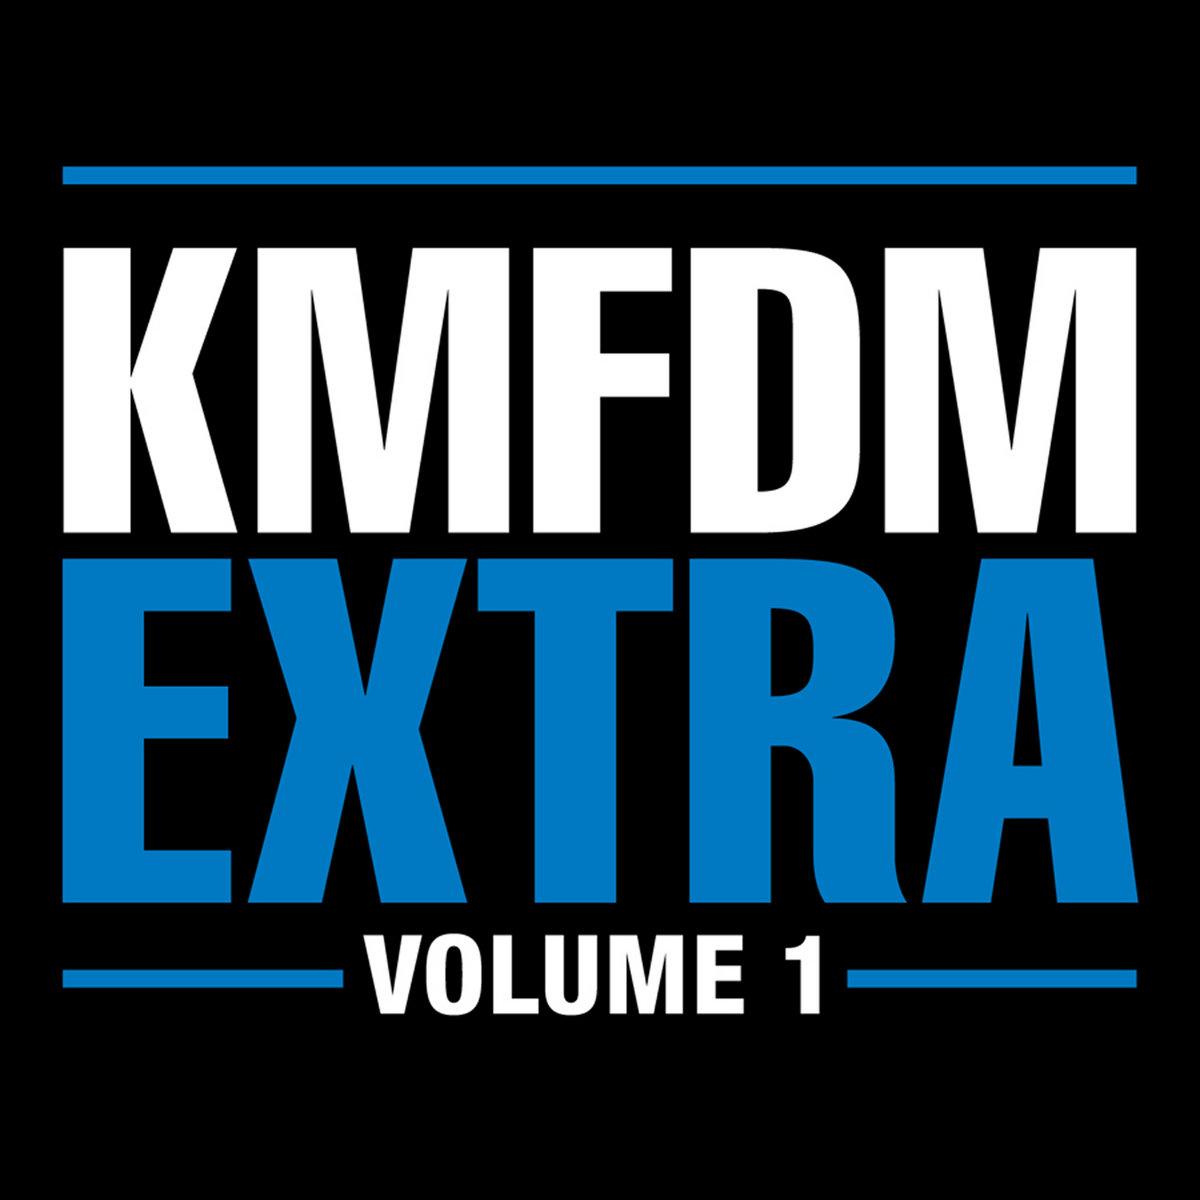 extra vol 1 kmfdm